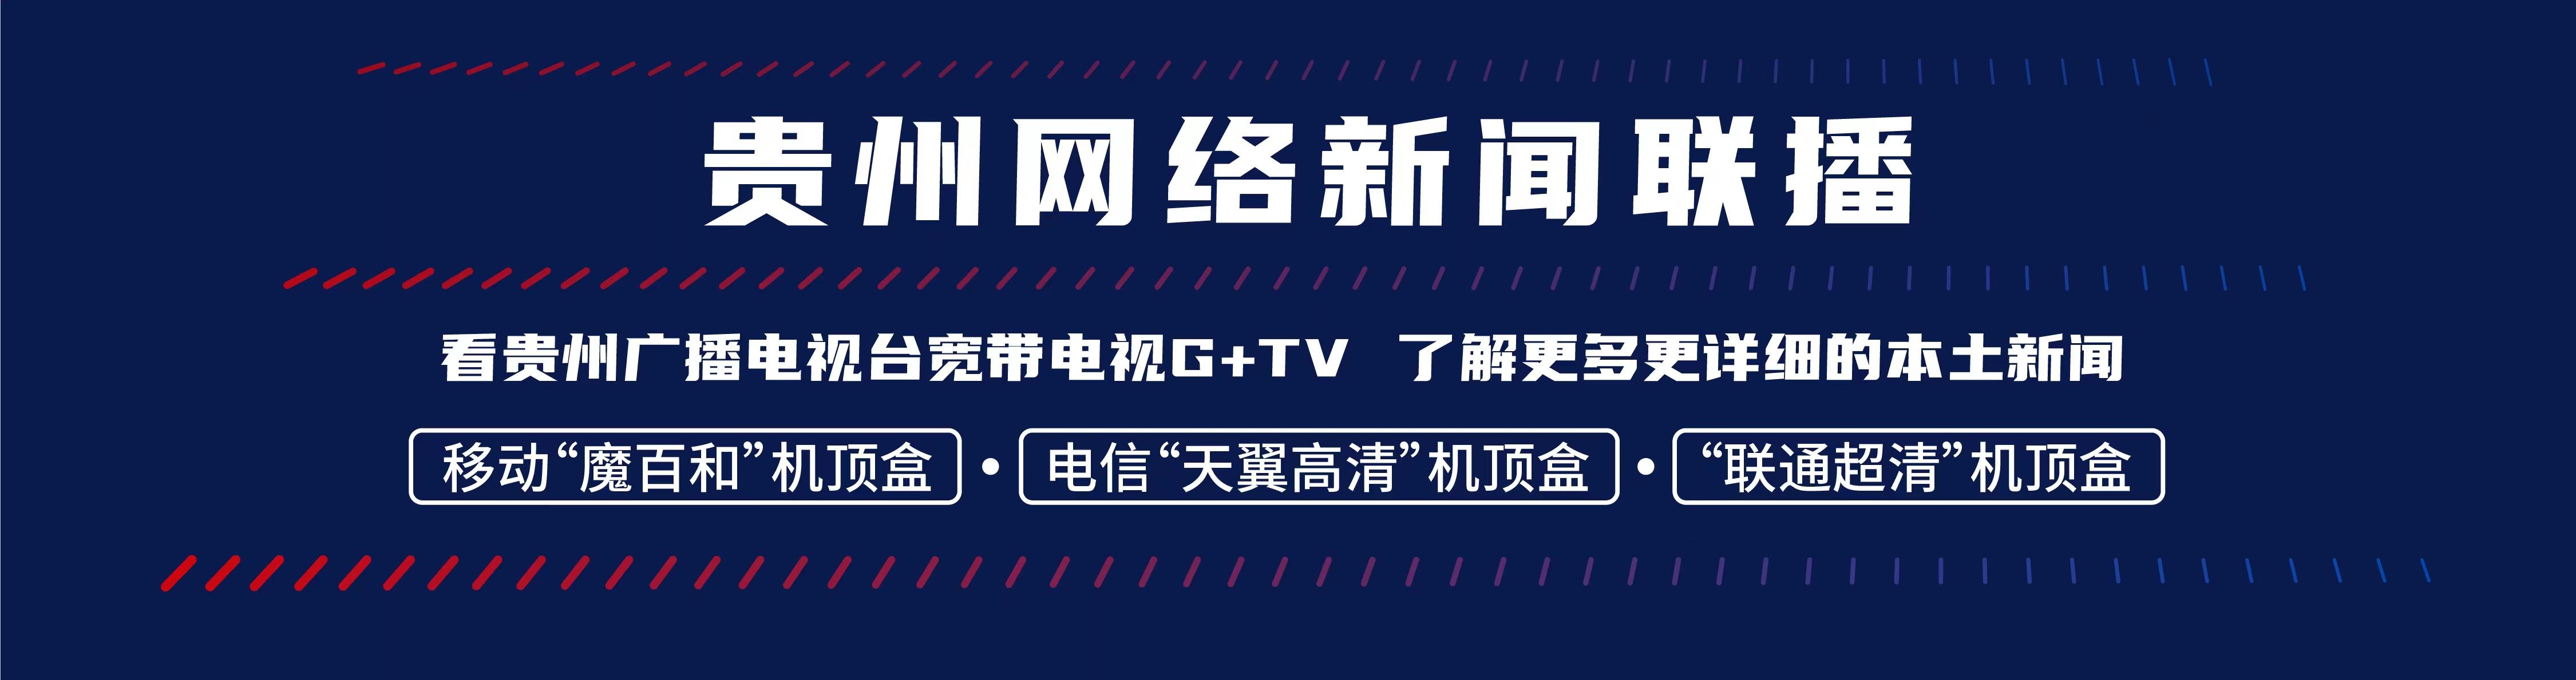 贵州网络新闻联播